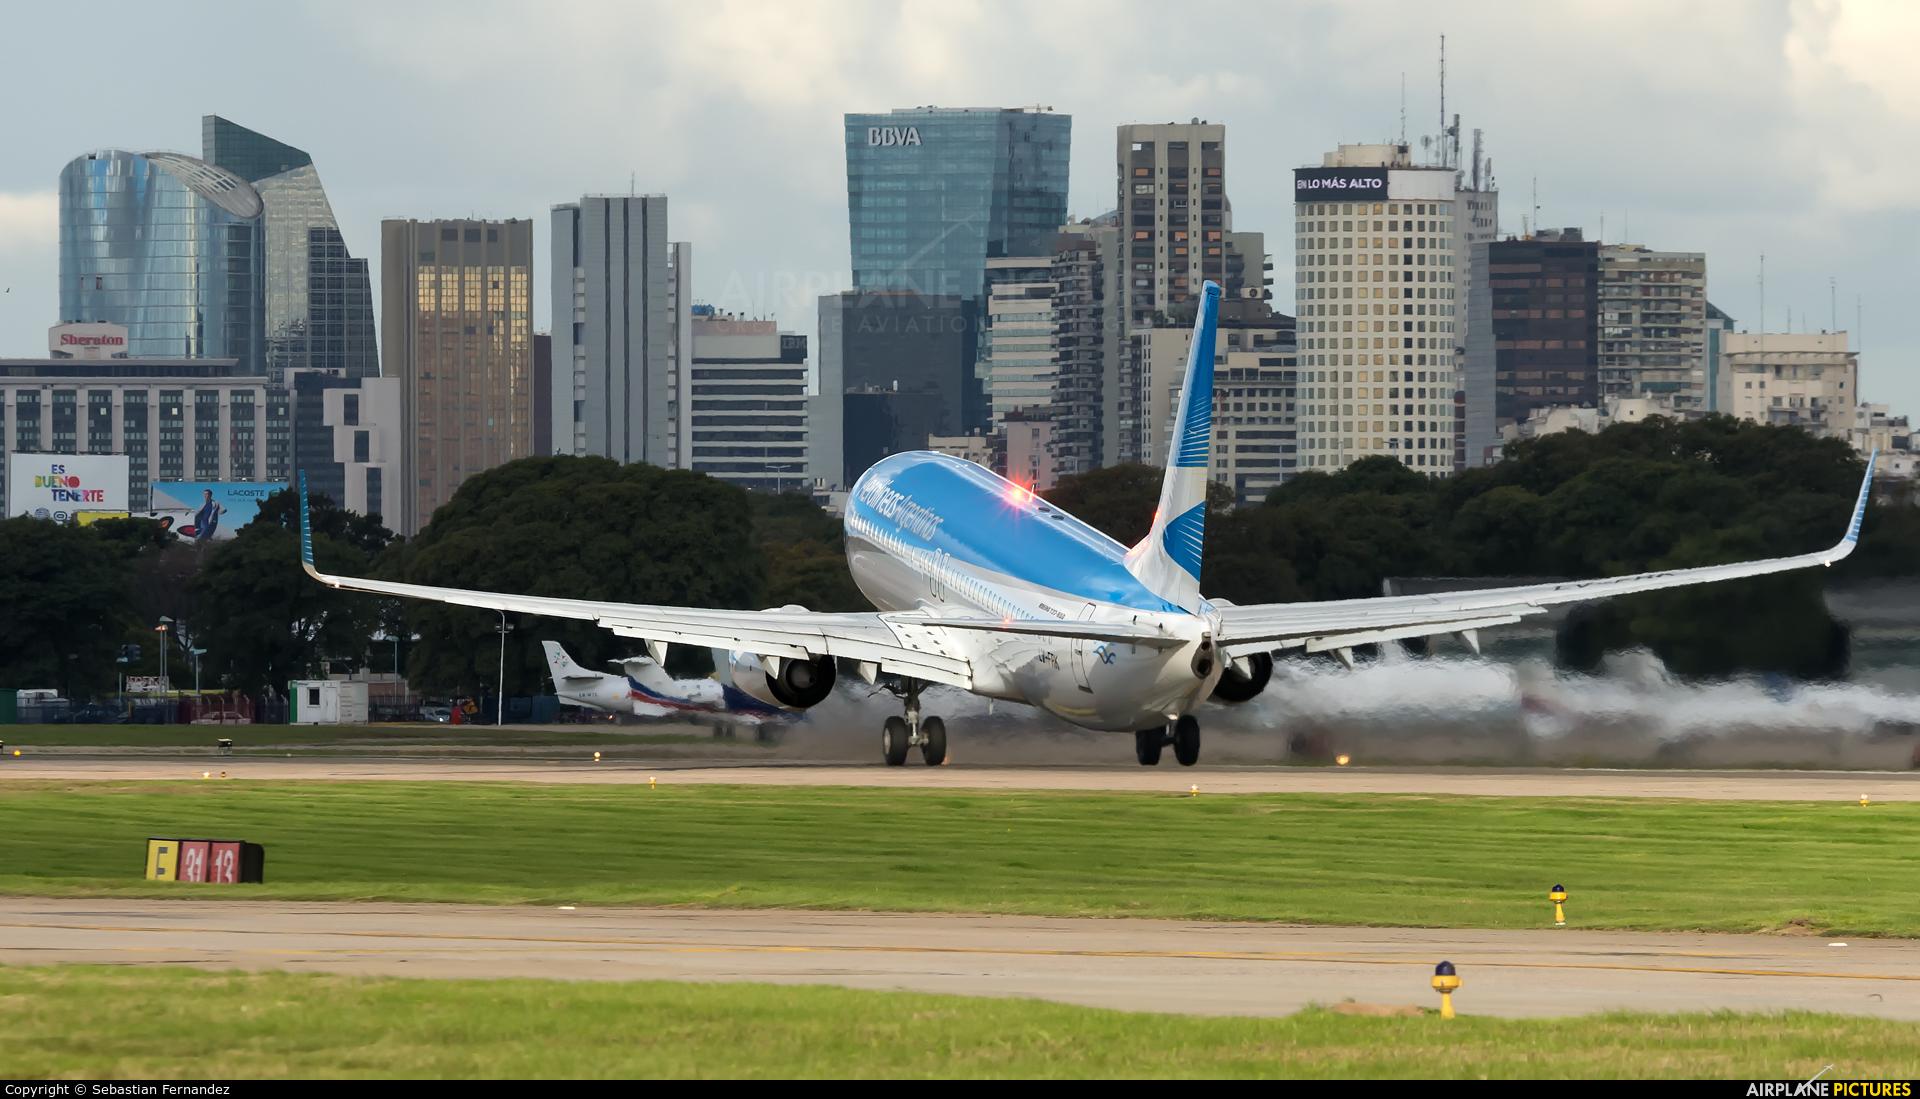 Aerolineas Argentinas LV-FRK aircraft at Buenos Aires - Jorge Newbery